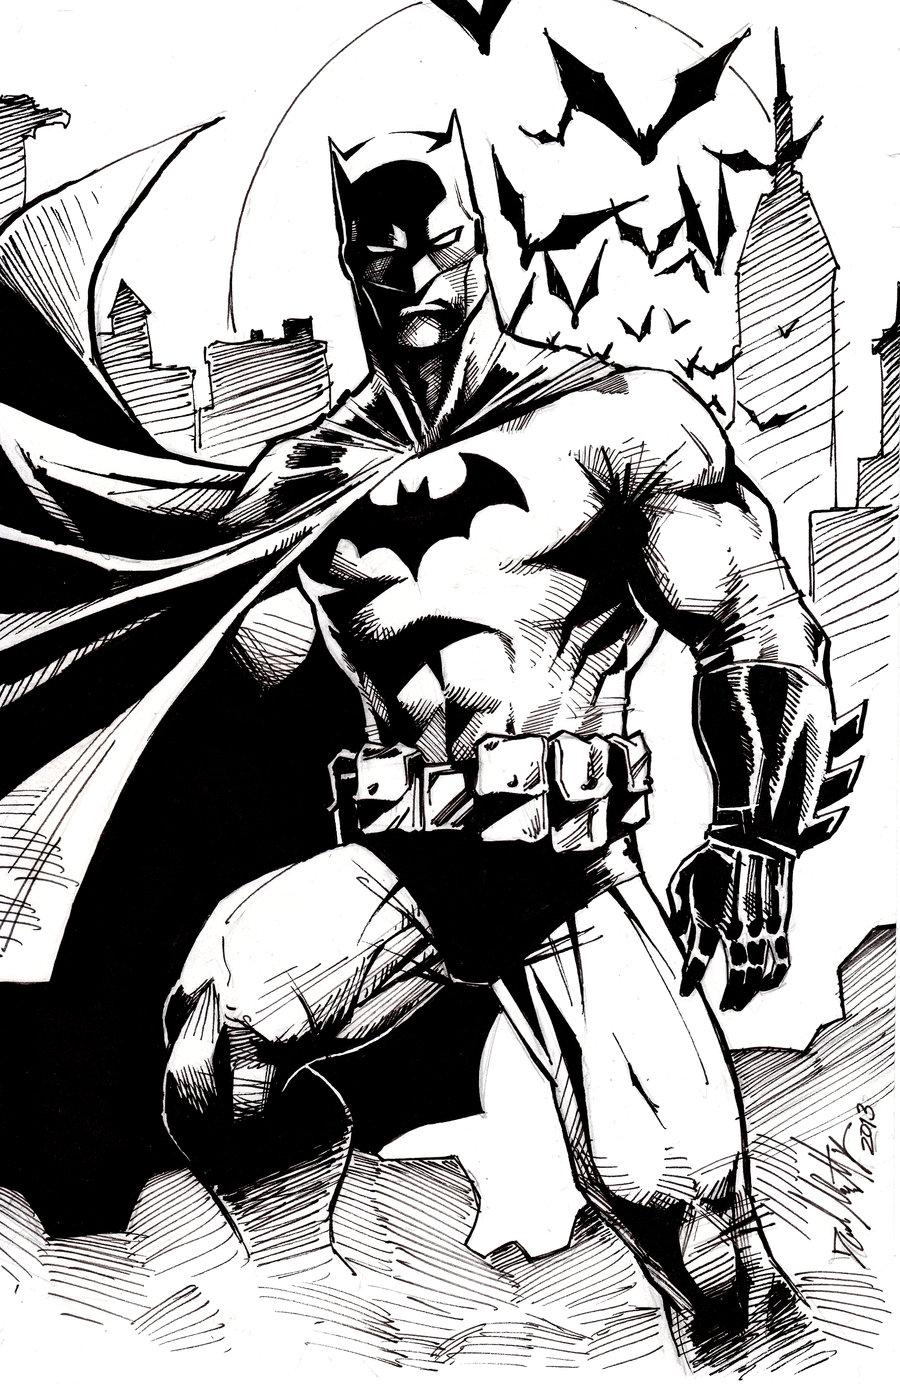 900x1384 batman sketch by dm on deviantart drawings